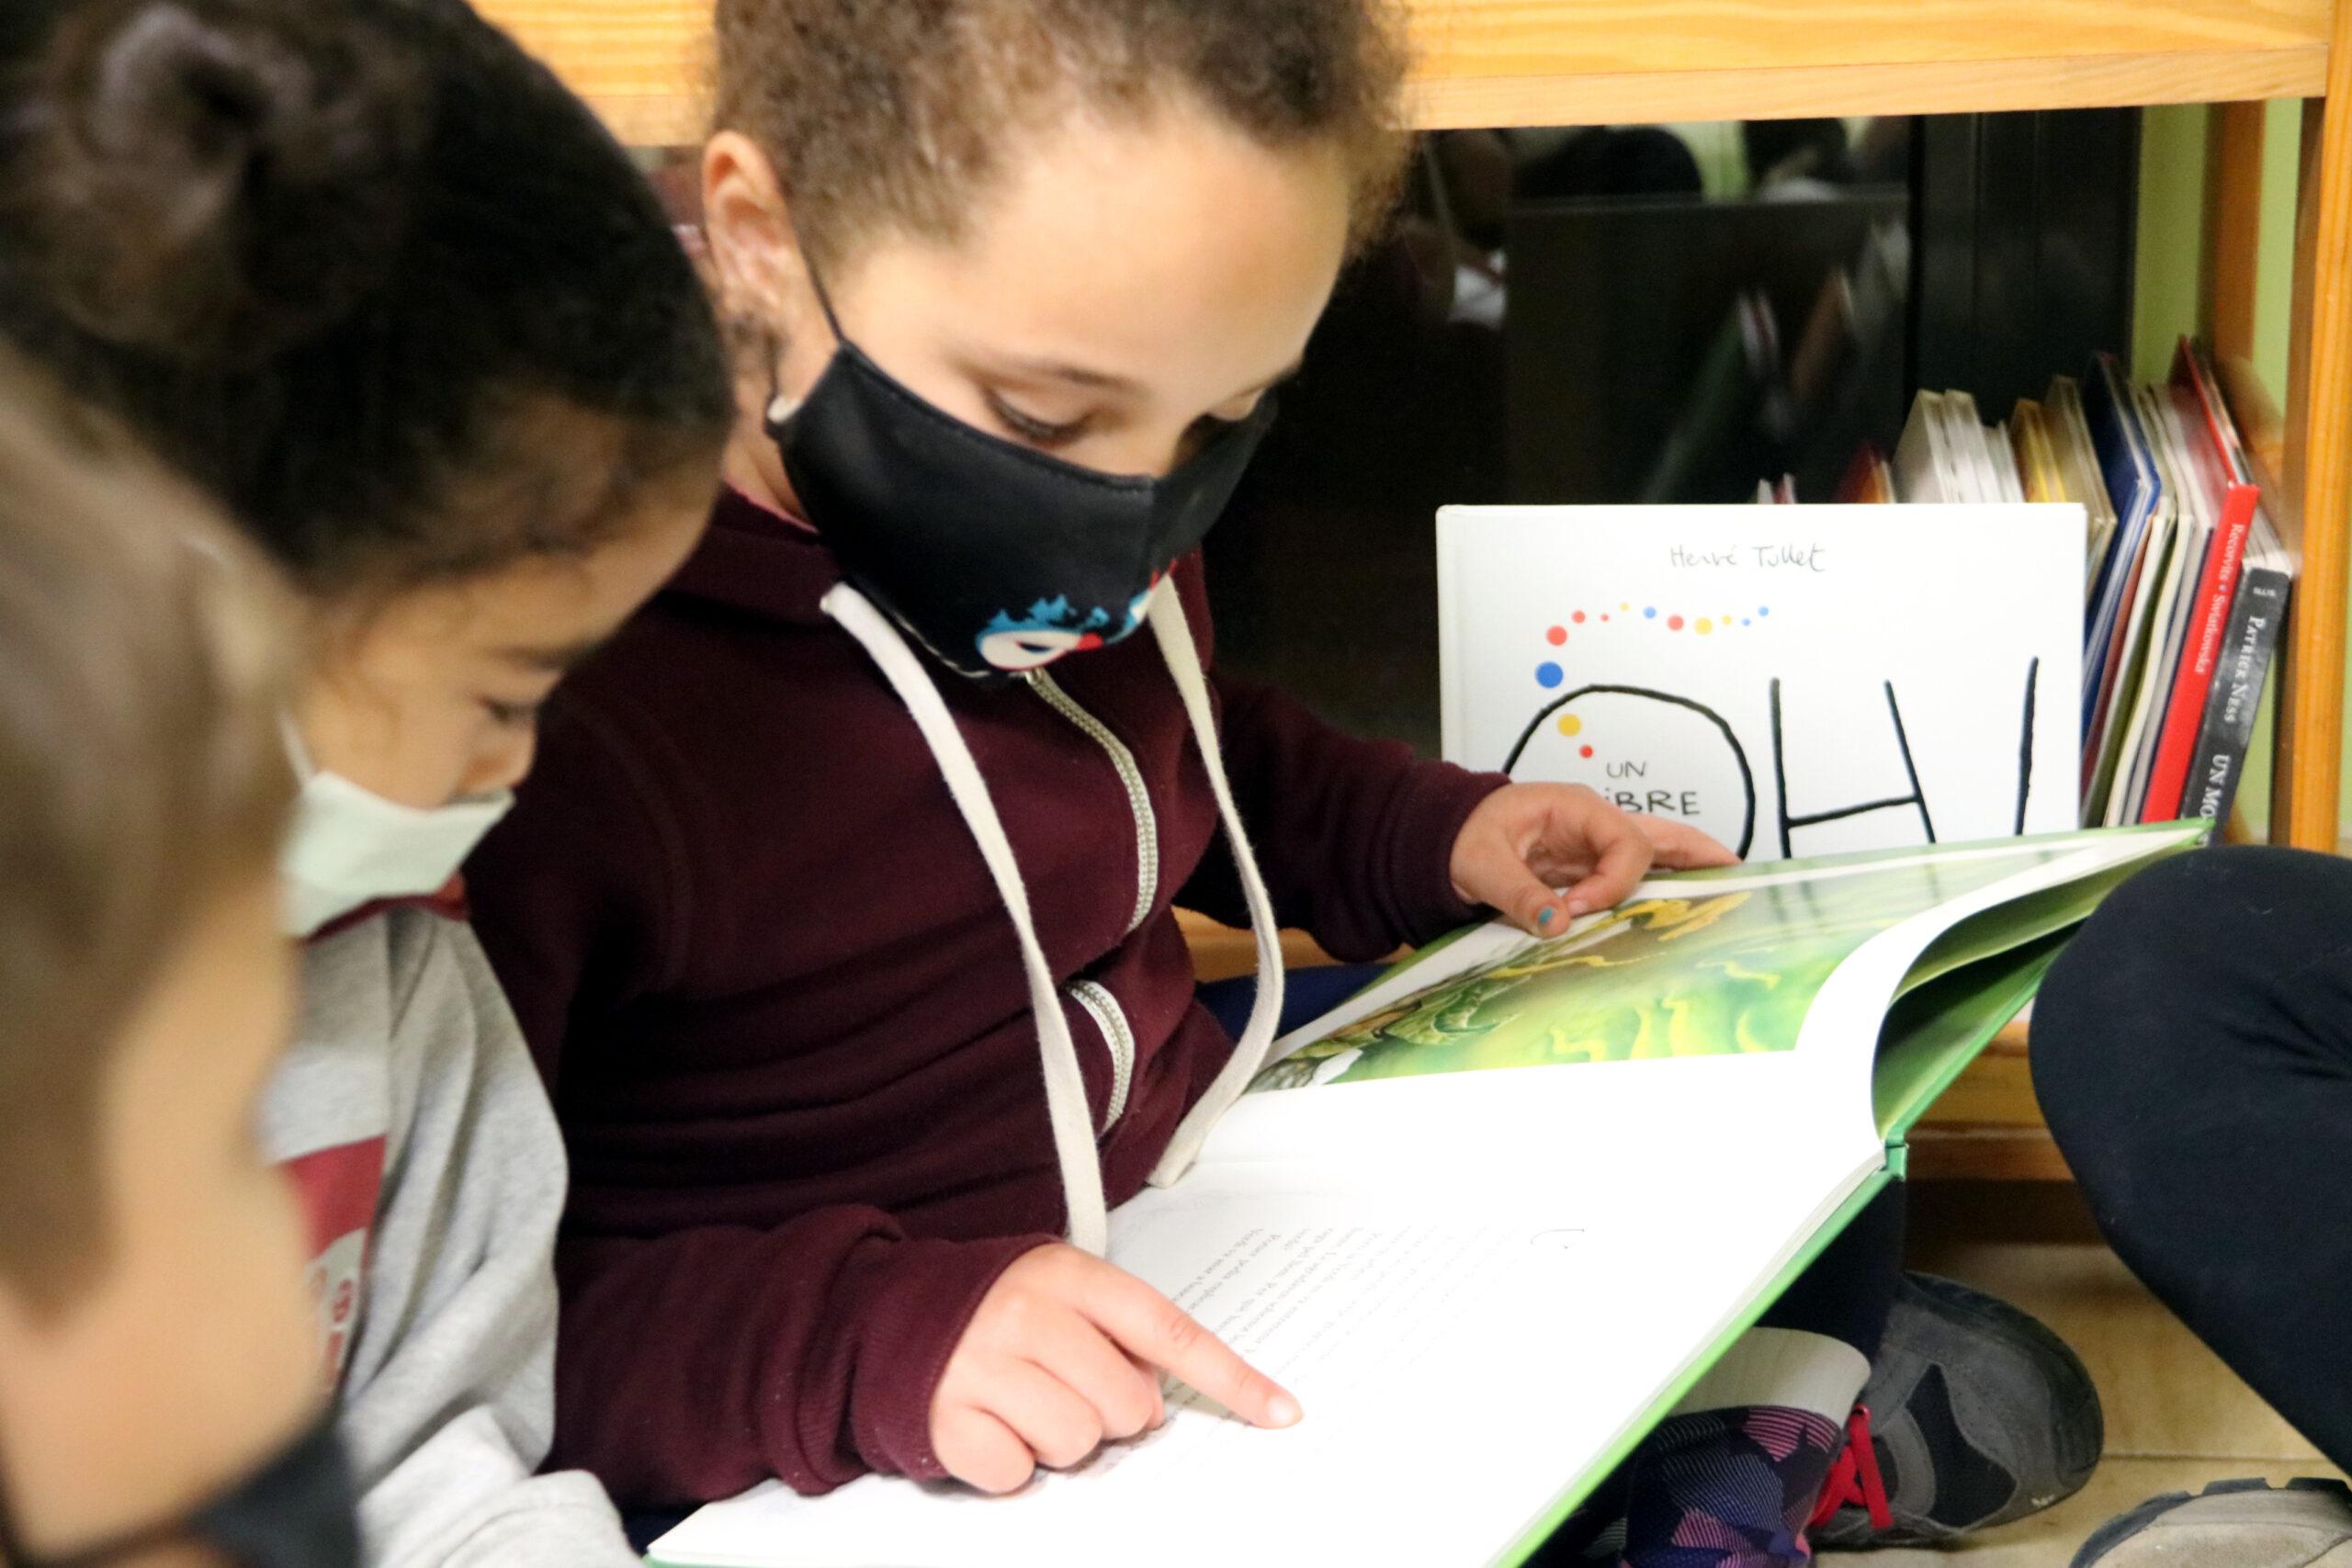 Unes alumnes llegint un llibre a l'Escola Popular de Manresa | ACN